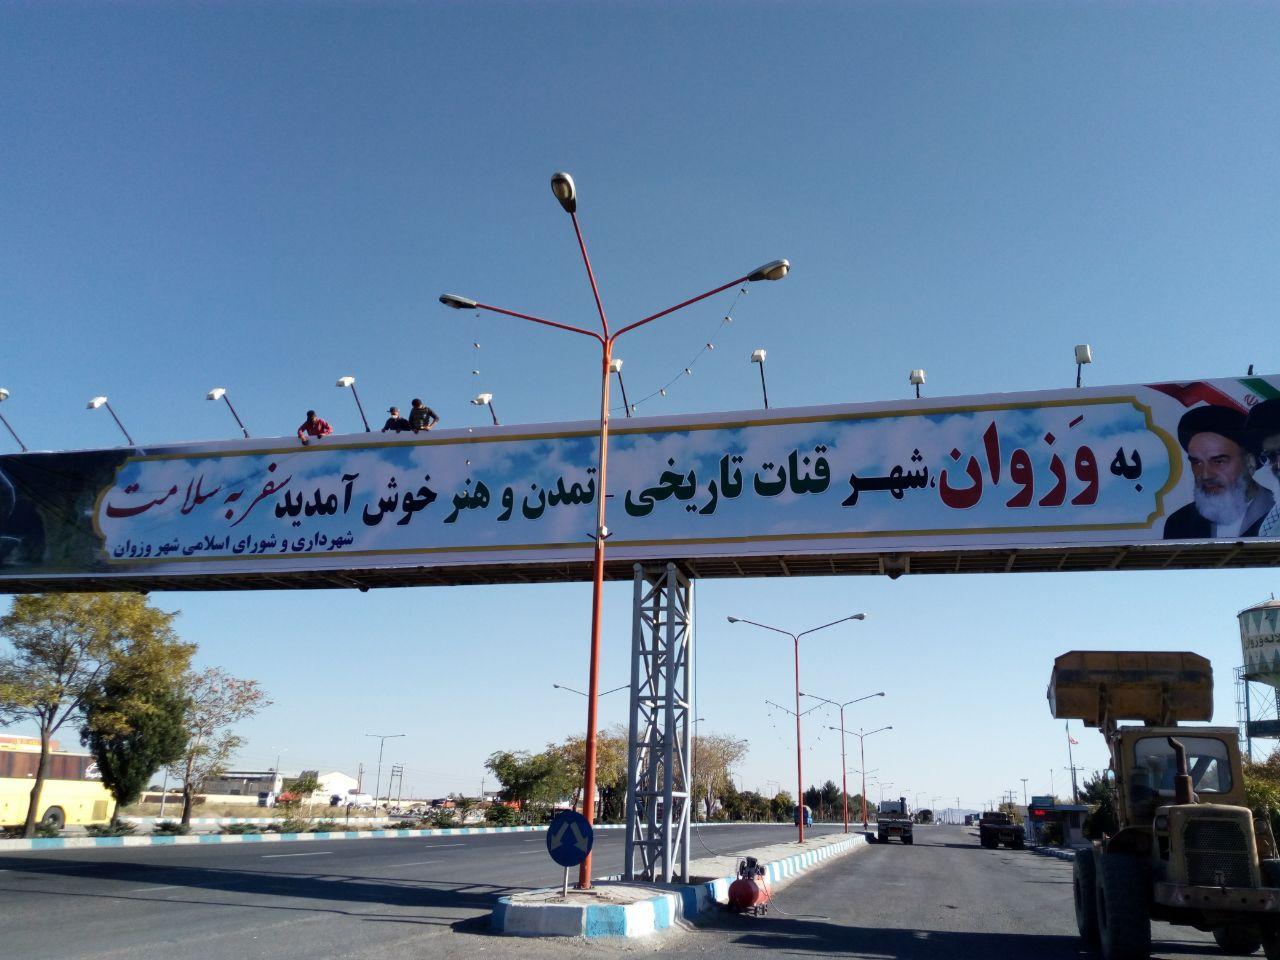 شهرداری وزوان :وزوان شهر قنات تاریخی ، تمدن و هنر